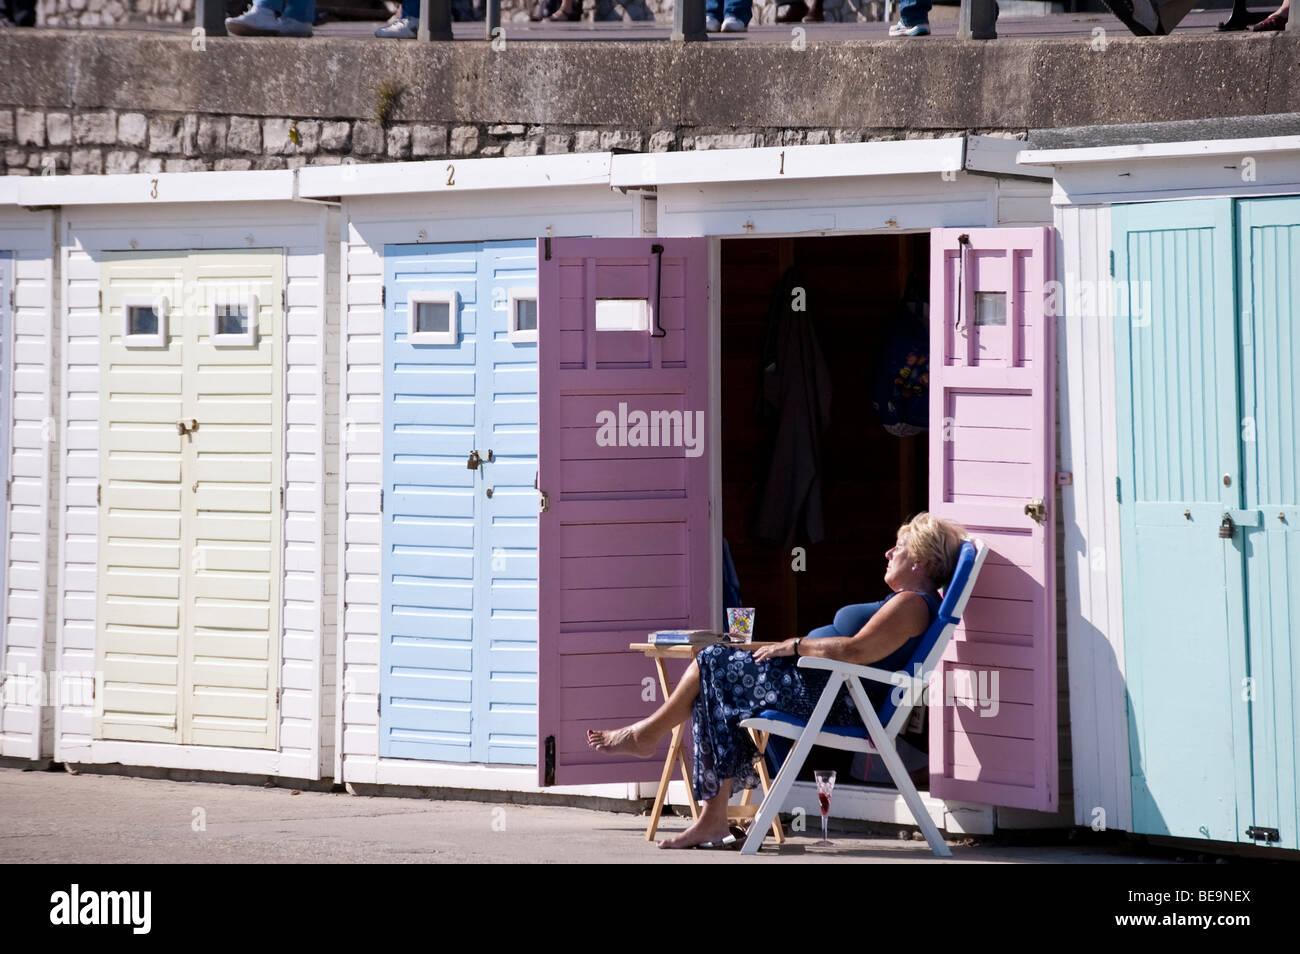 Donne di mezza età a prendere il sole sulle sdraio da aprire porte di Beach Hut con libro e bicchiere di vino Immagini Stock